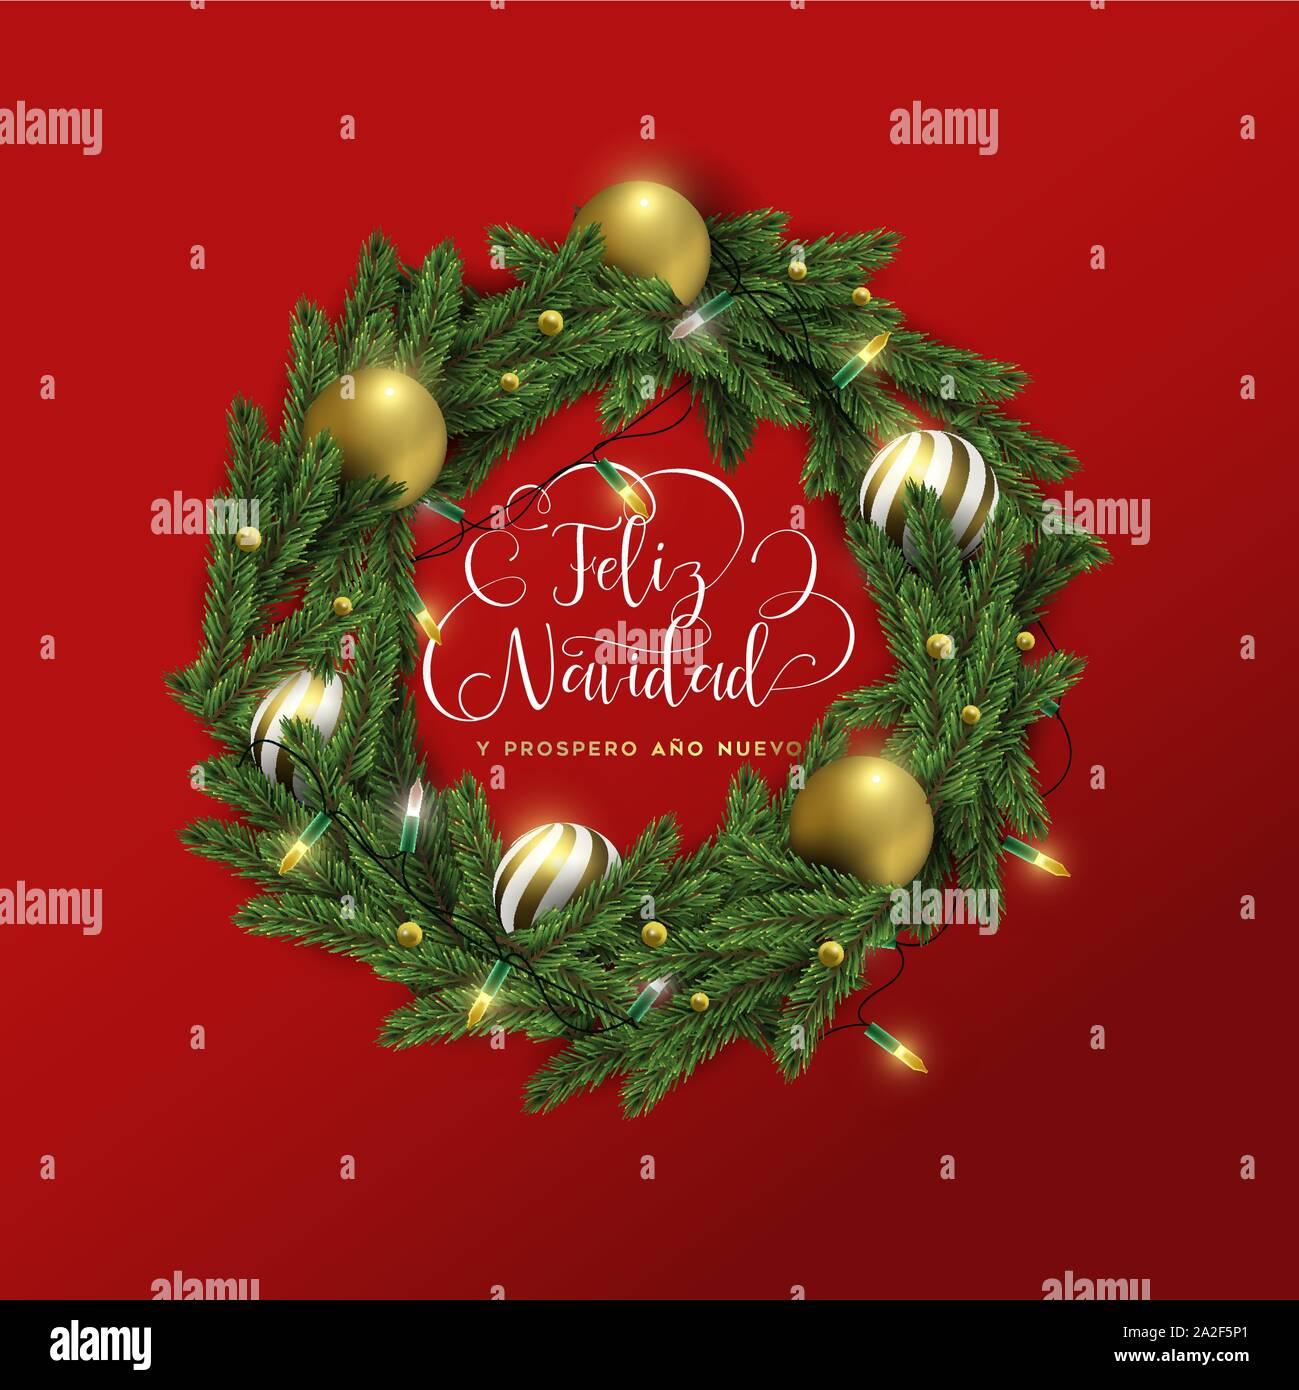 Buon Natale In Spagnolo.Frasi Di Auguri Di Buon Natale E Felice Anno Nuovo In Spagnolo